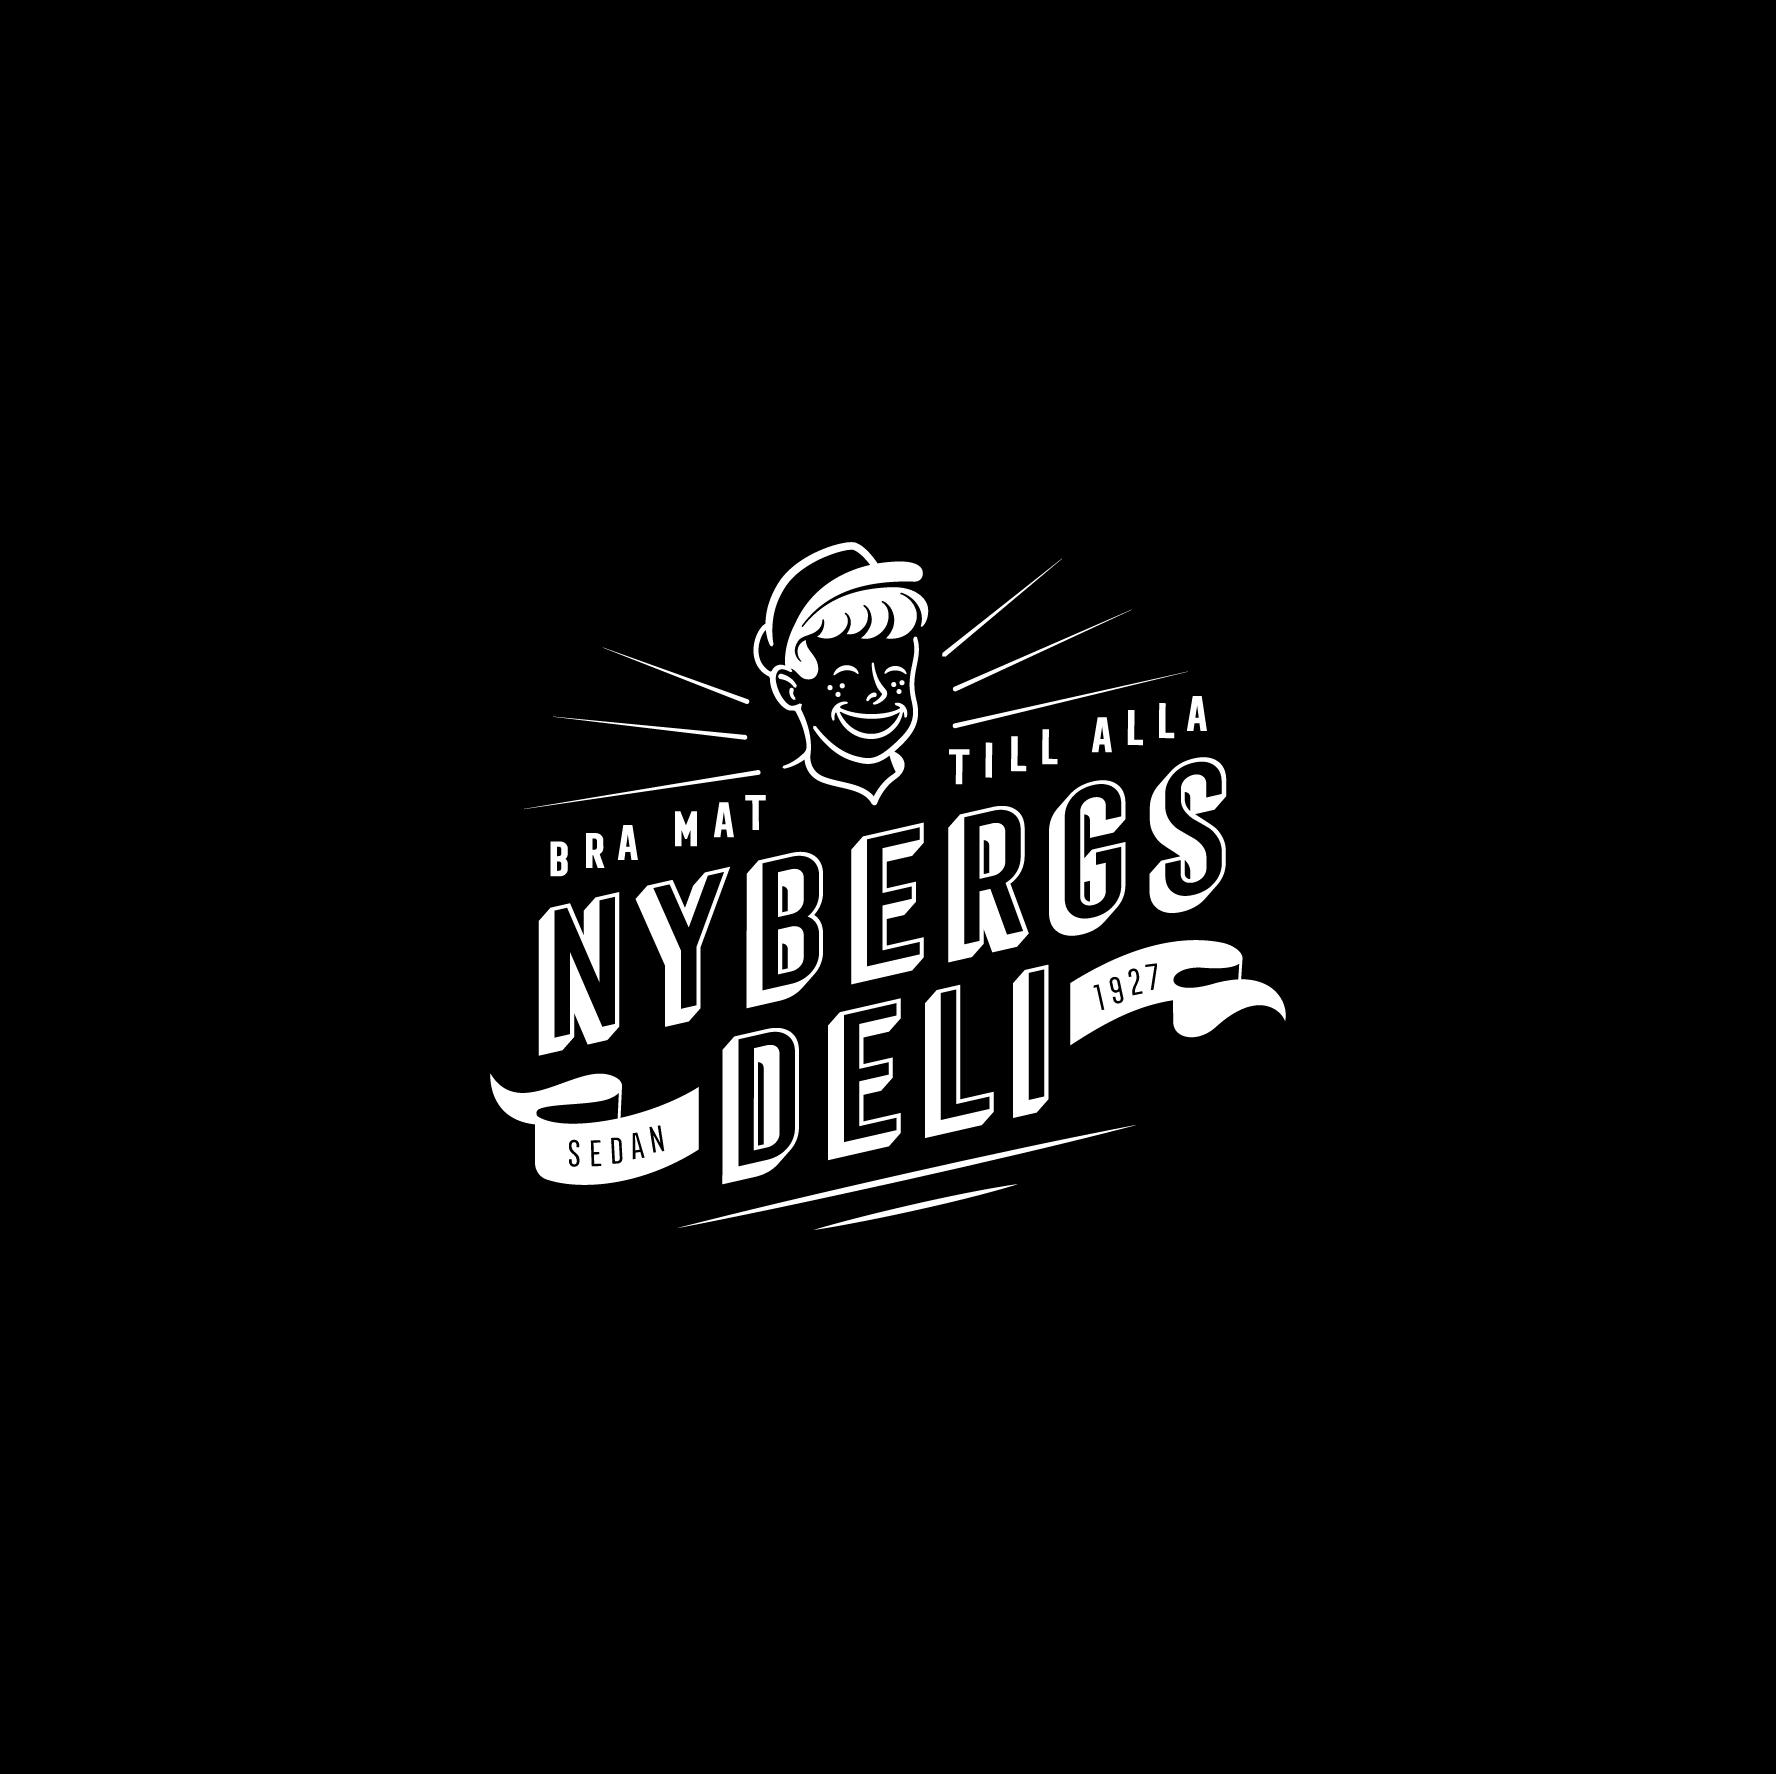 logo for Nybergs Deli